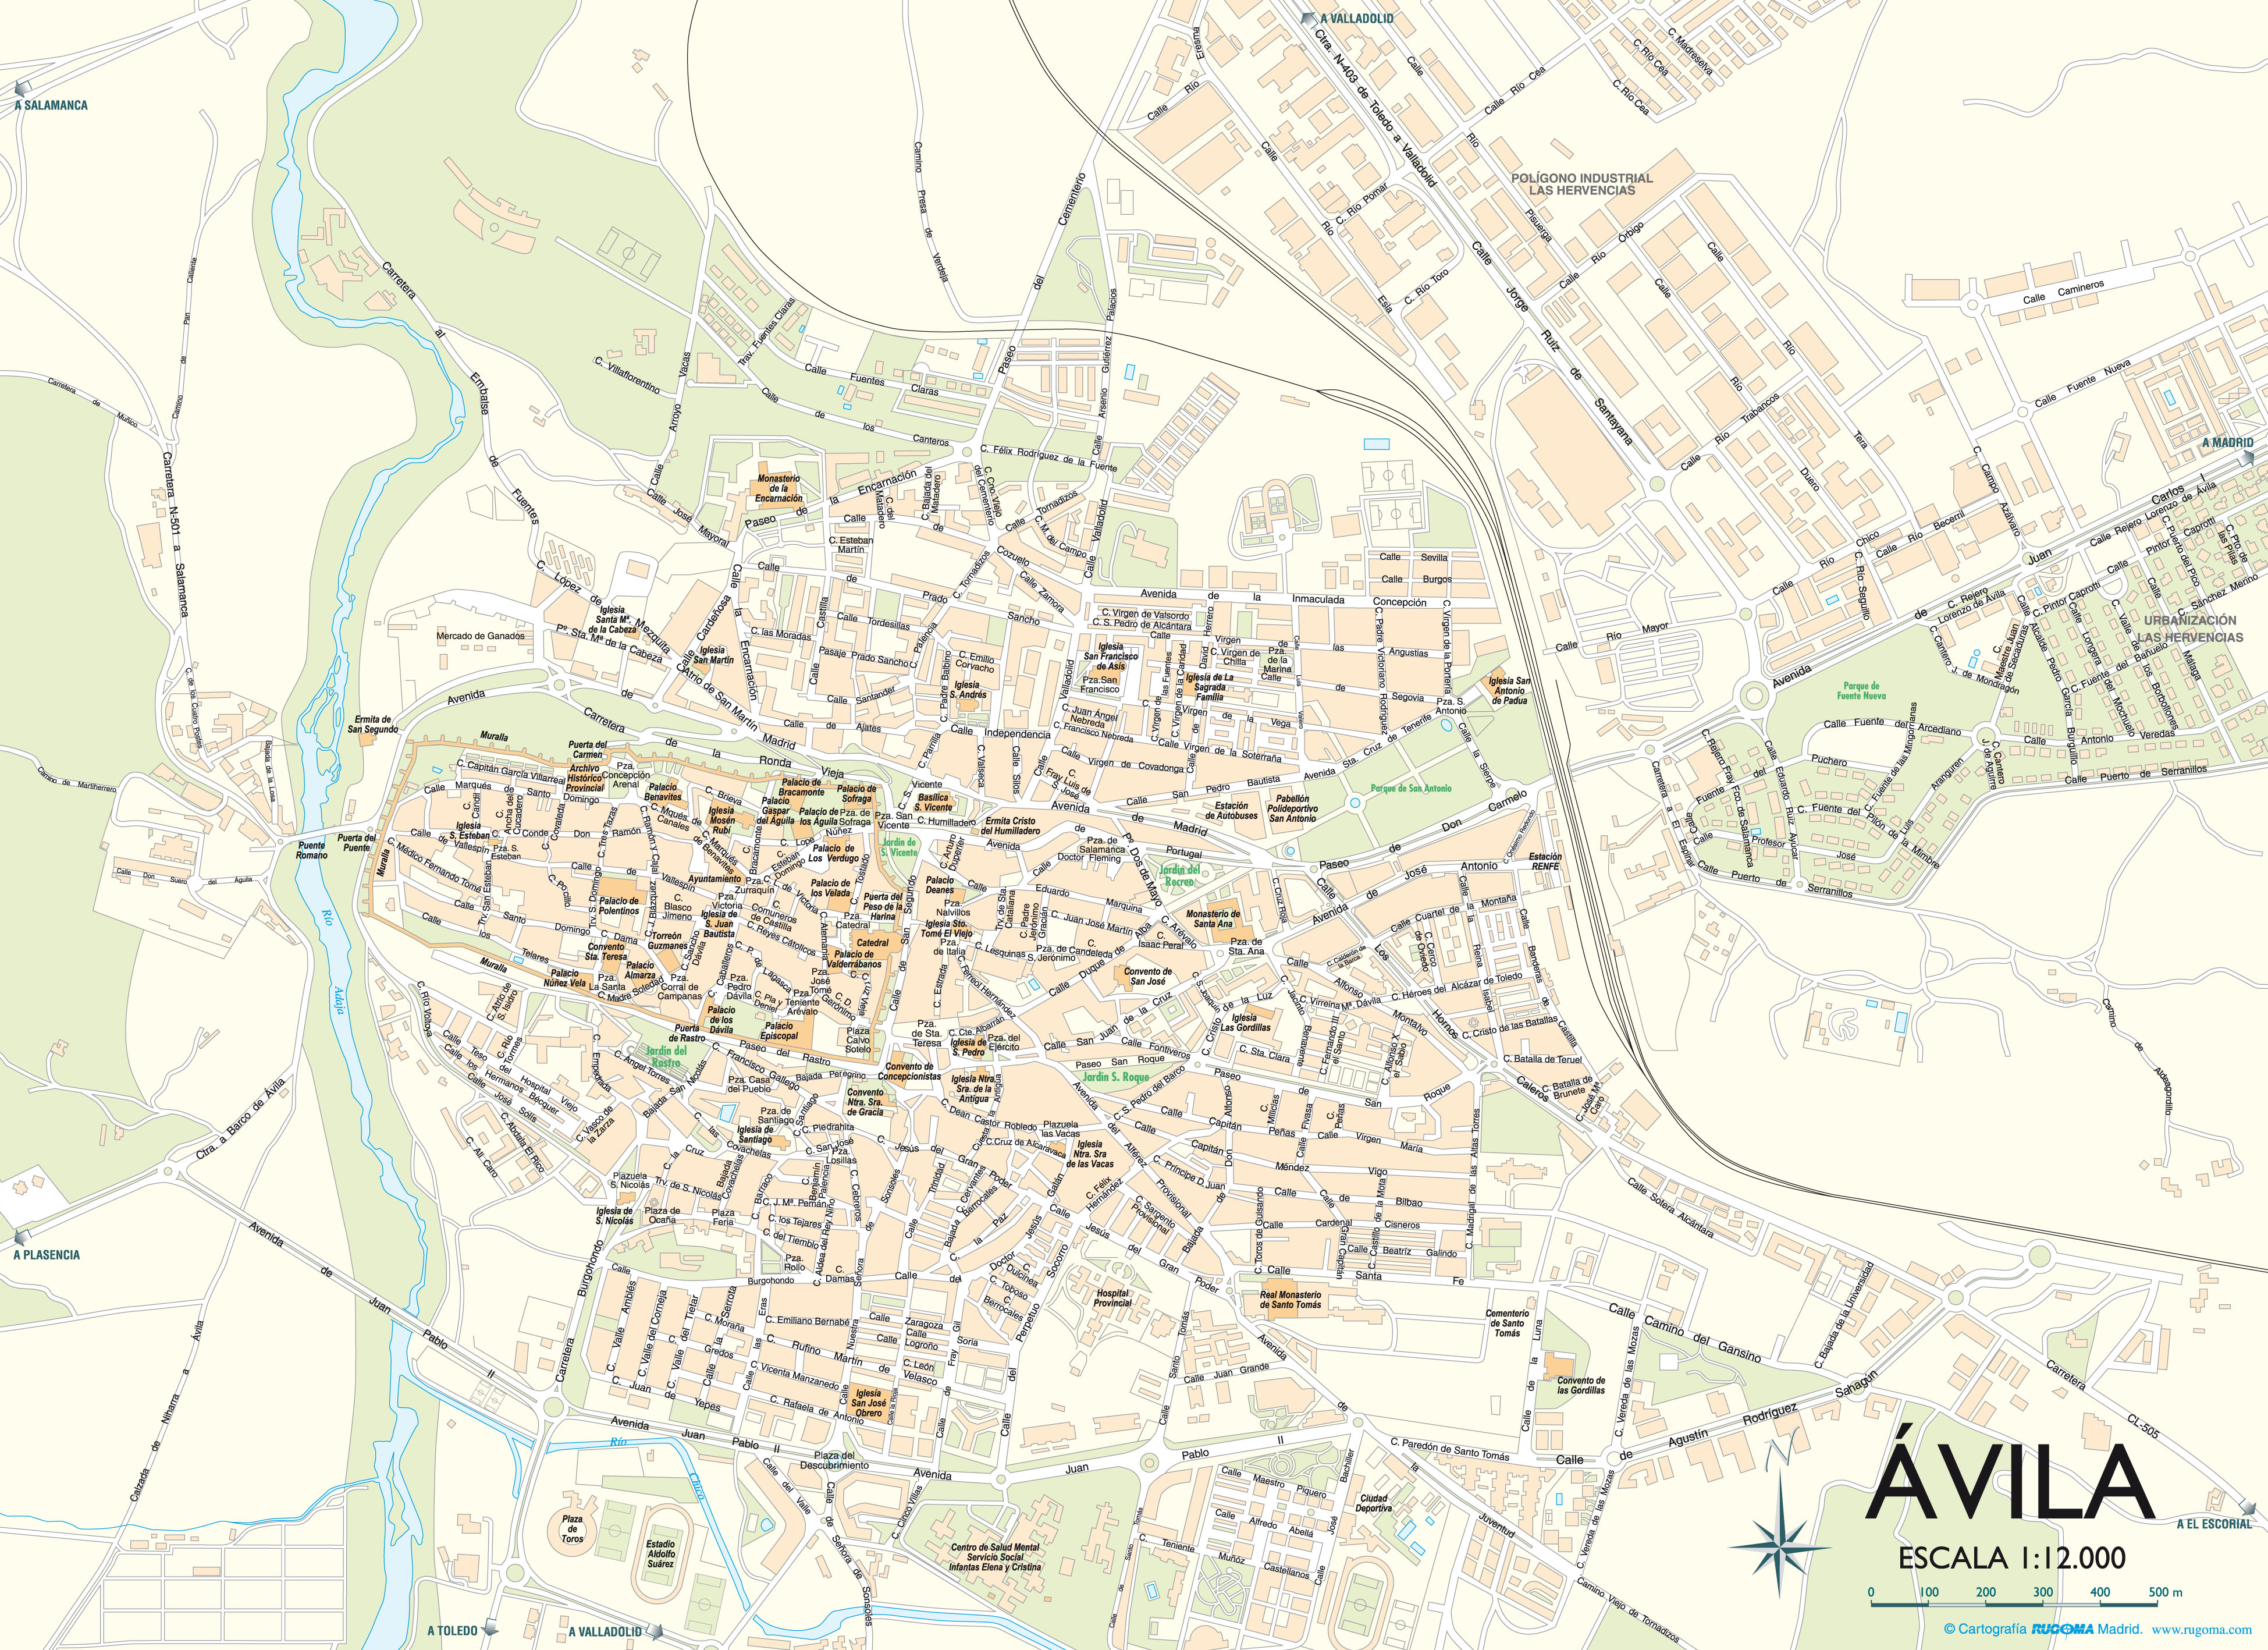 Mapa de Ávila